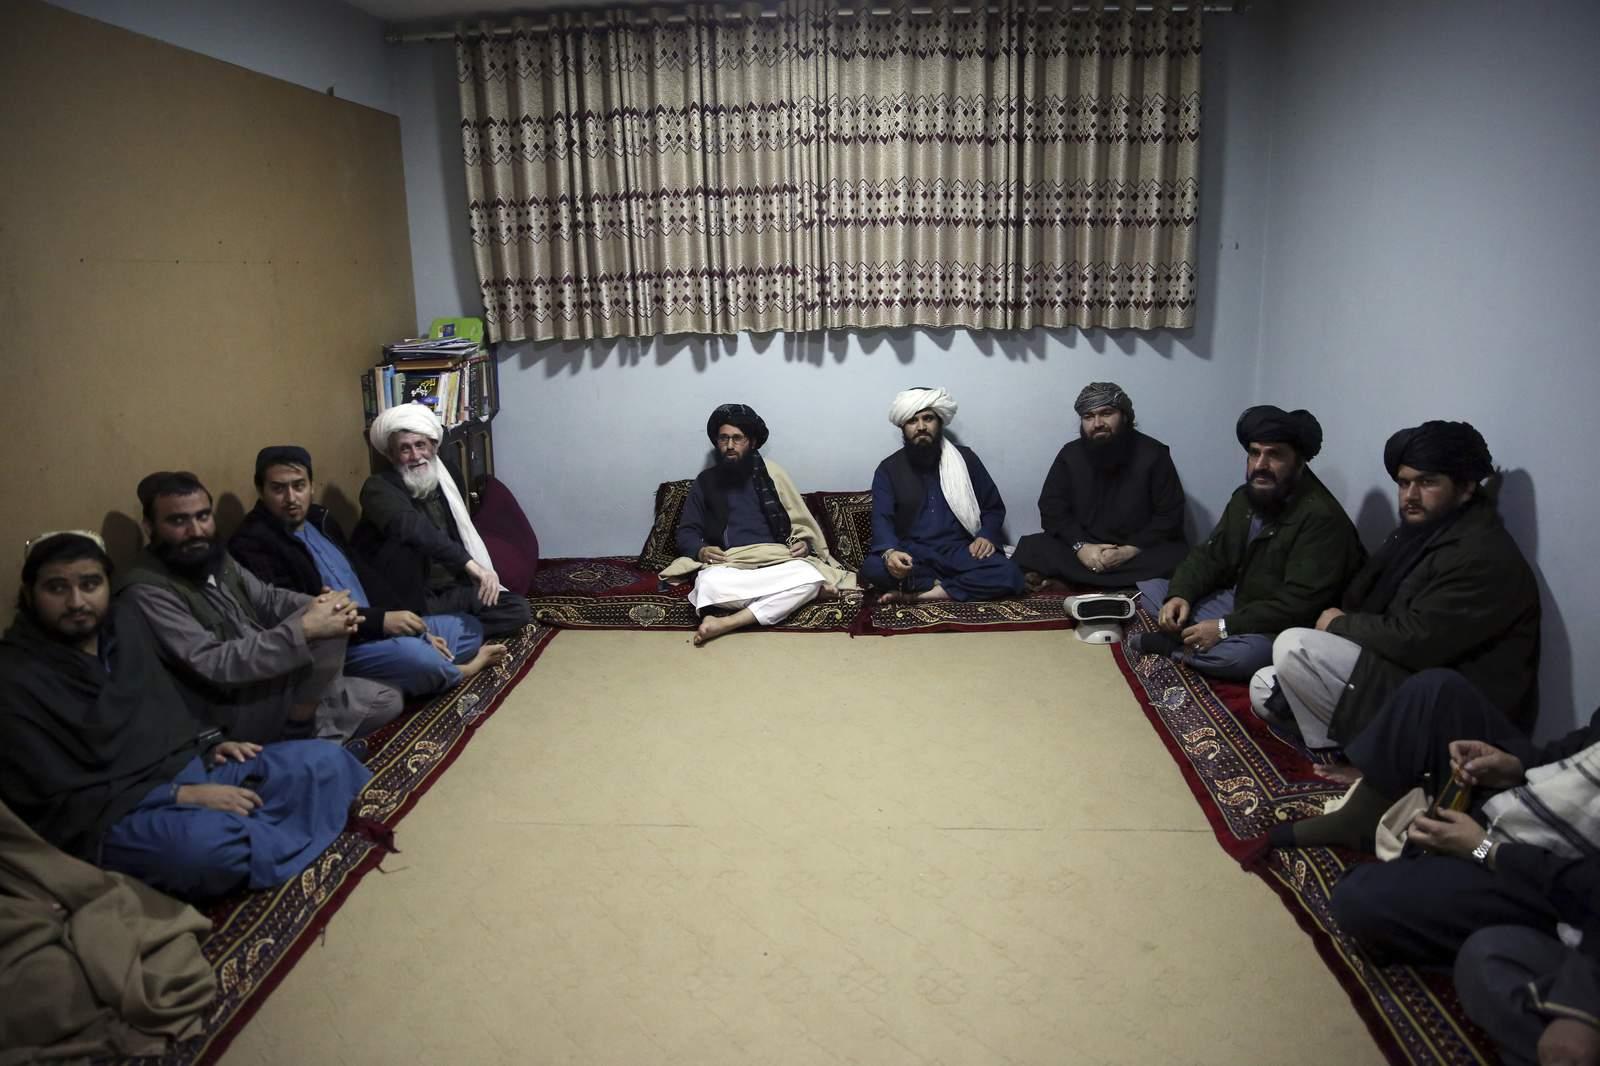 Los talibanes están listos para iniciar el cese del fuego en áreas afganas afectadas por virus 6